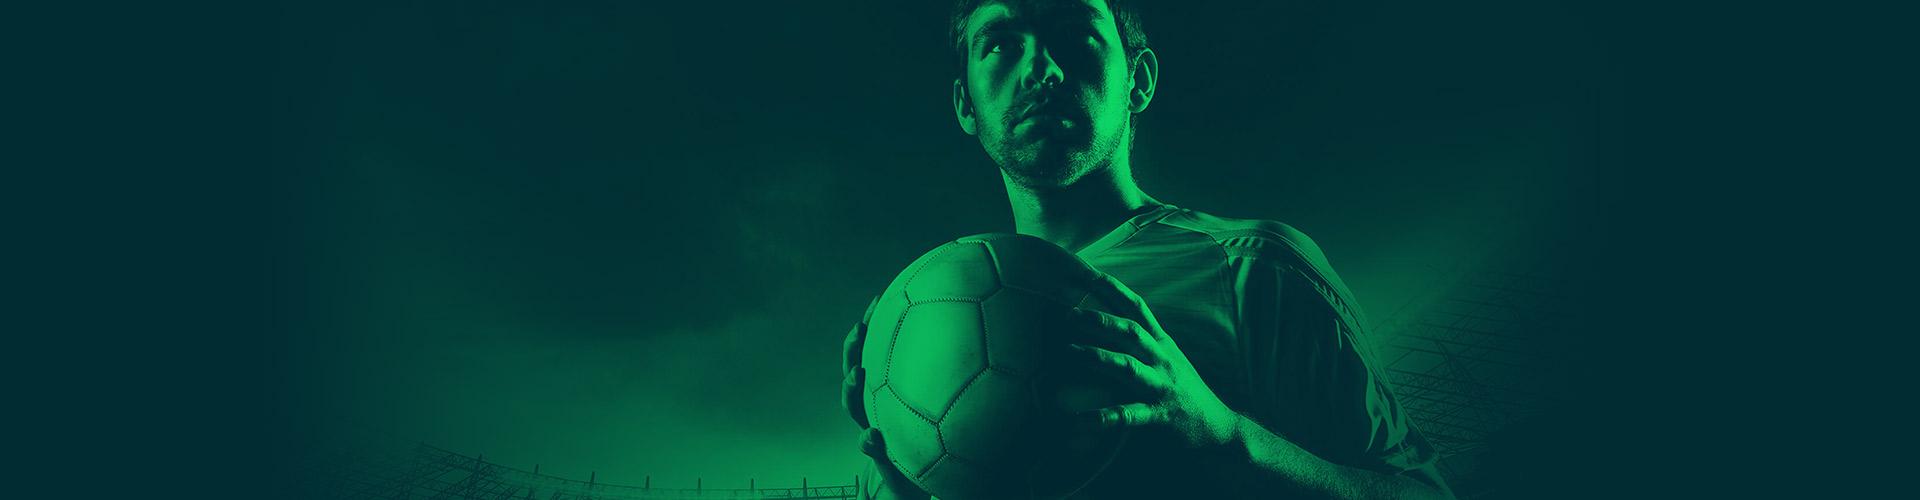 Sportsbet.io Wettsteuer – Müssen die Spieler beim Wettanbieter Sportsbet.io die Wettsteuer zahlen?